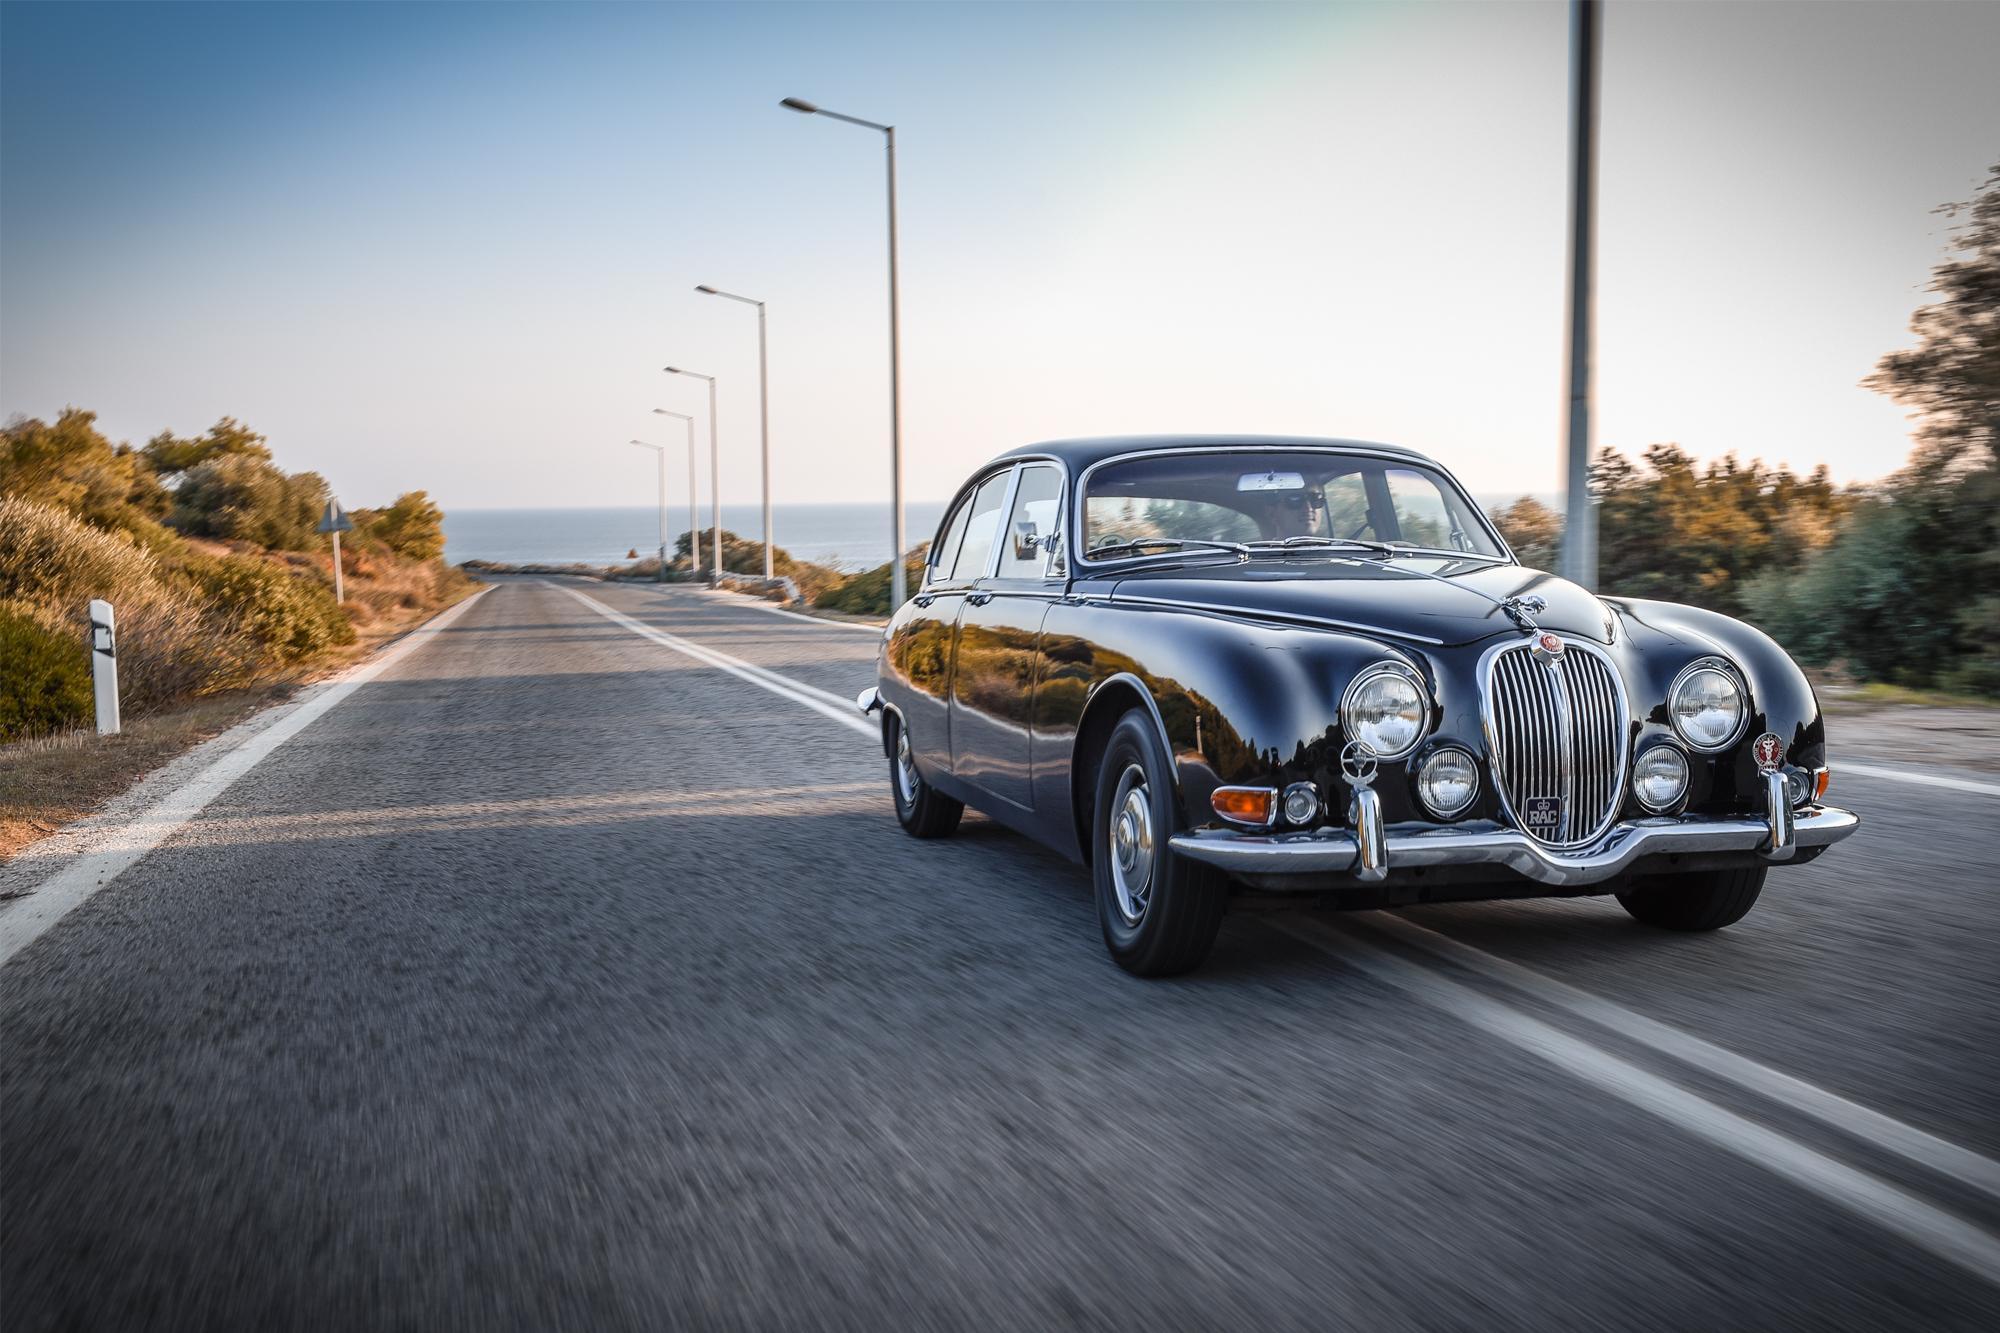 Αλλαγές για τα ιστορικά οχήματα